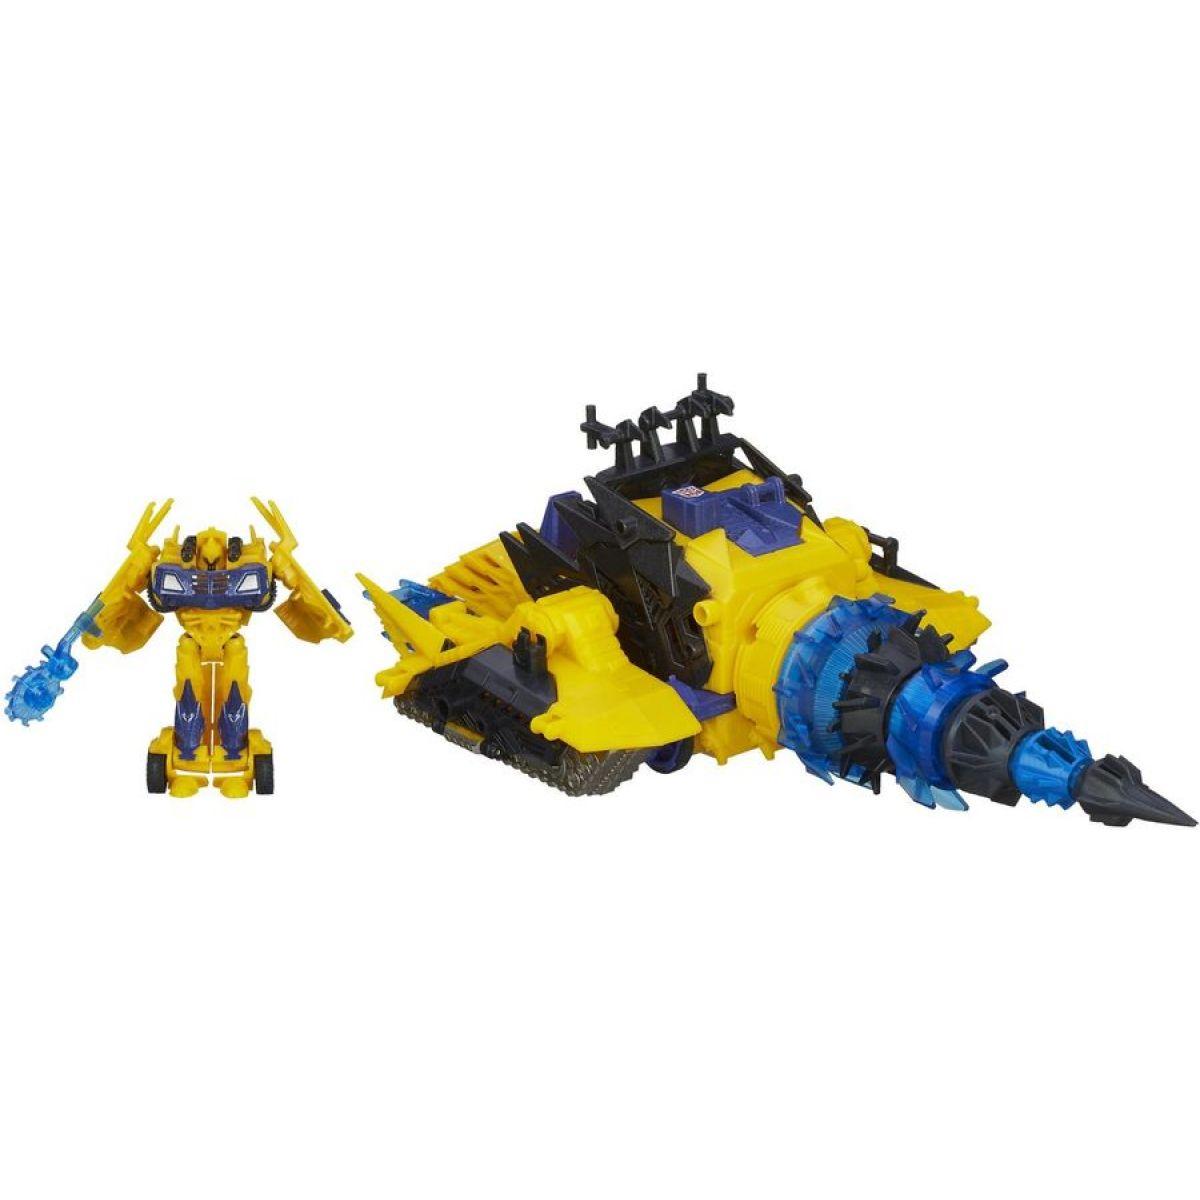 Transformers vozidla pro lov příšer Hasbro A1975 - Energon Driller